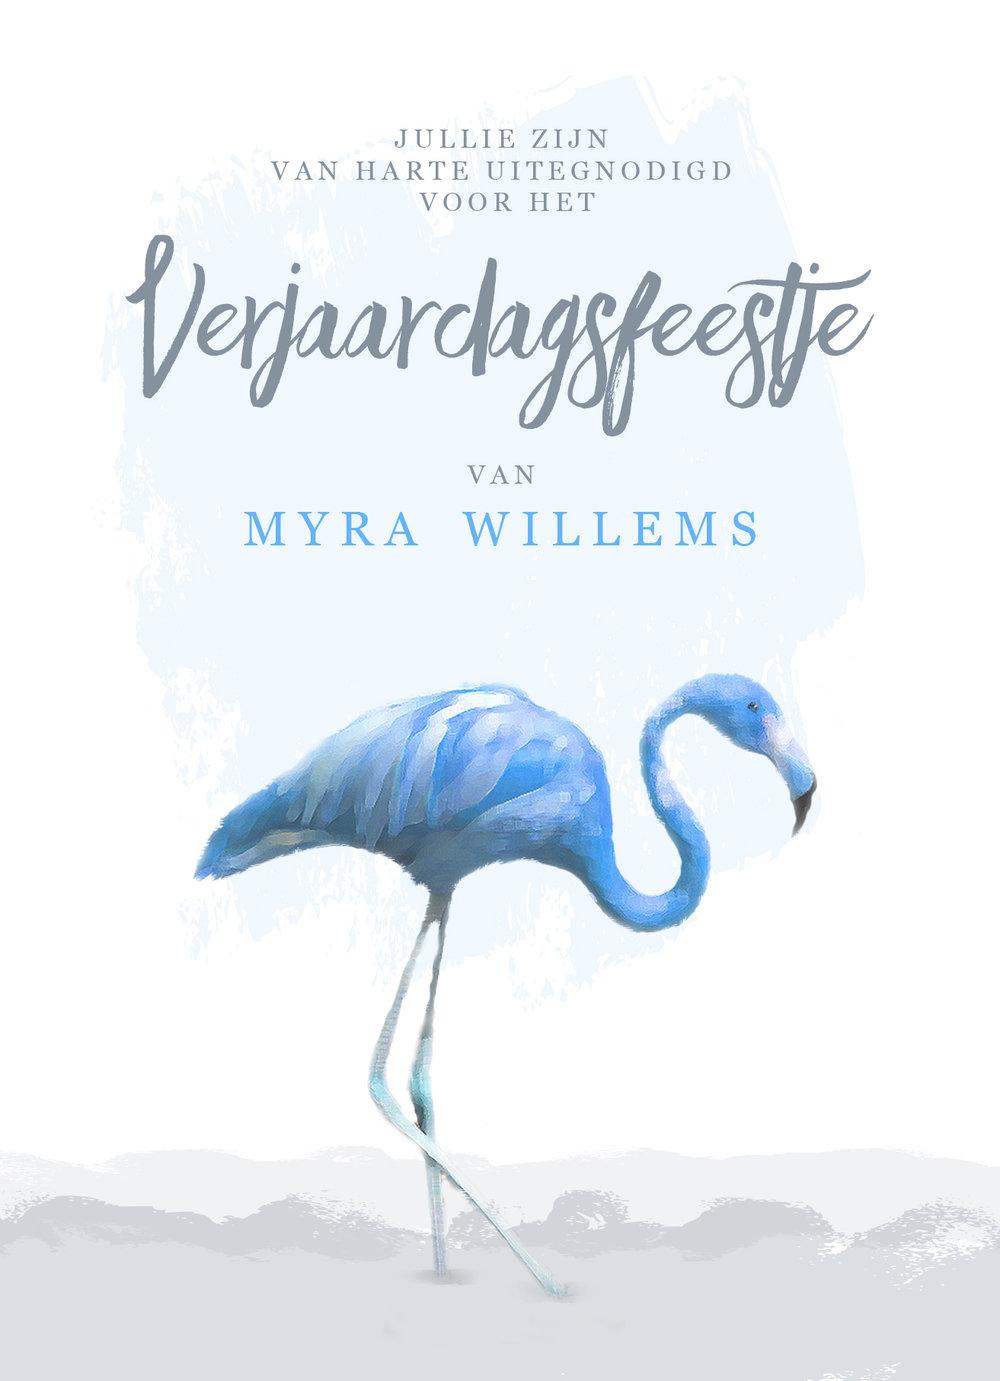 verjaardagkaart Myra Familie.jpg